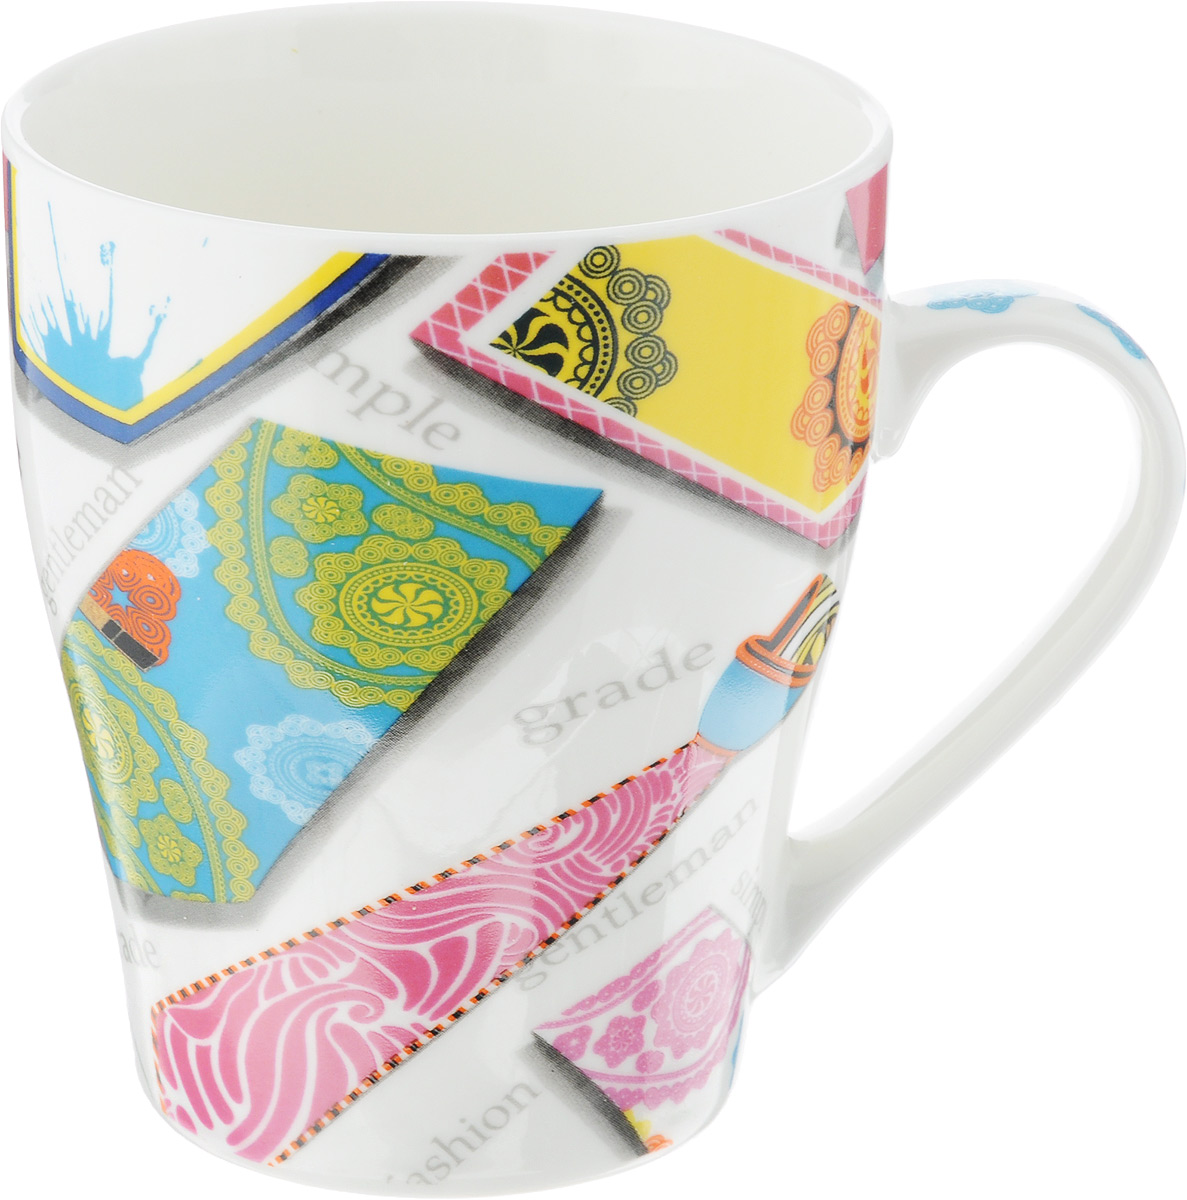 Кружка Loraine Галстук, цвет: белый, желтый, розовый, 340 мл24461_розовыйОригинальная кружка Loraine Галстук выполнена из высококачественного костяного фарфора и оформлена красочным принтом. Она станет отличным дополнением к сервировке семейного стола и замечательным подарком для ваших родных и друзей.Диаметр кружки (по верхнему краю): 8,5 см.Высота кружки: 10 см.